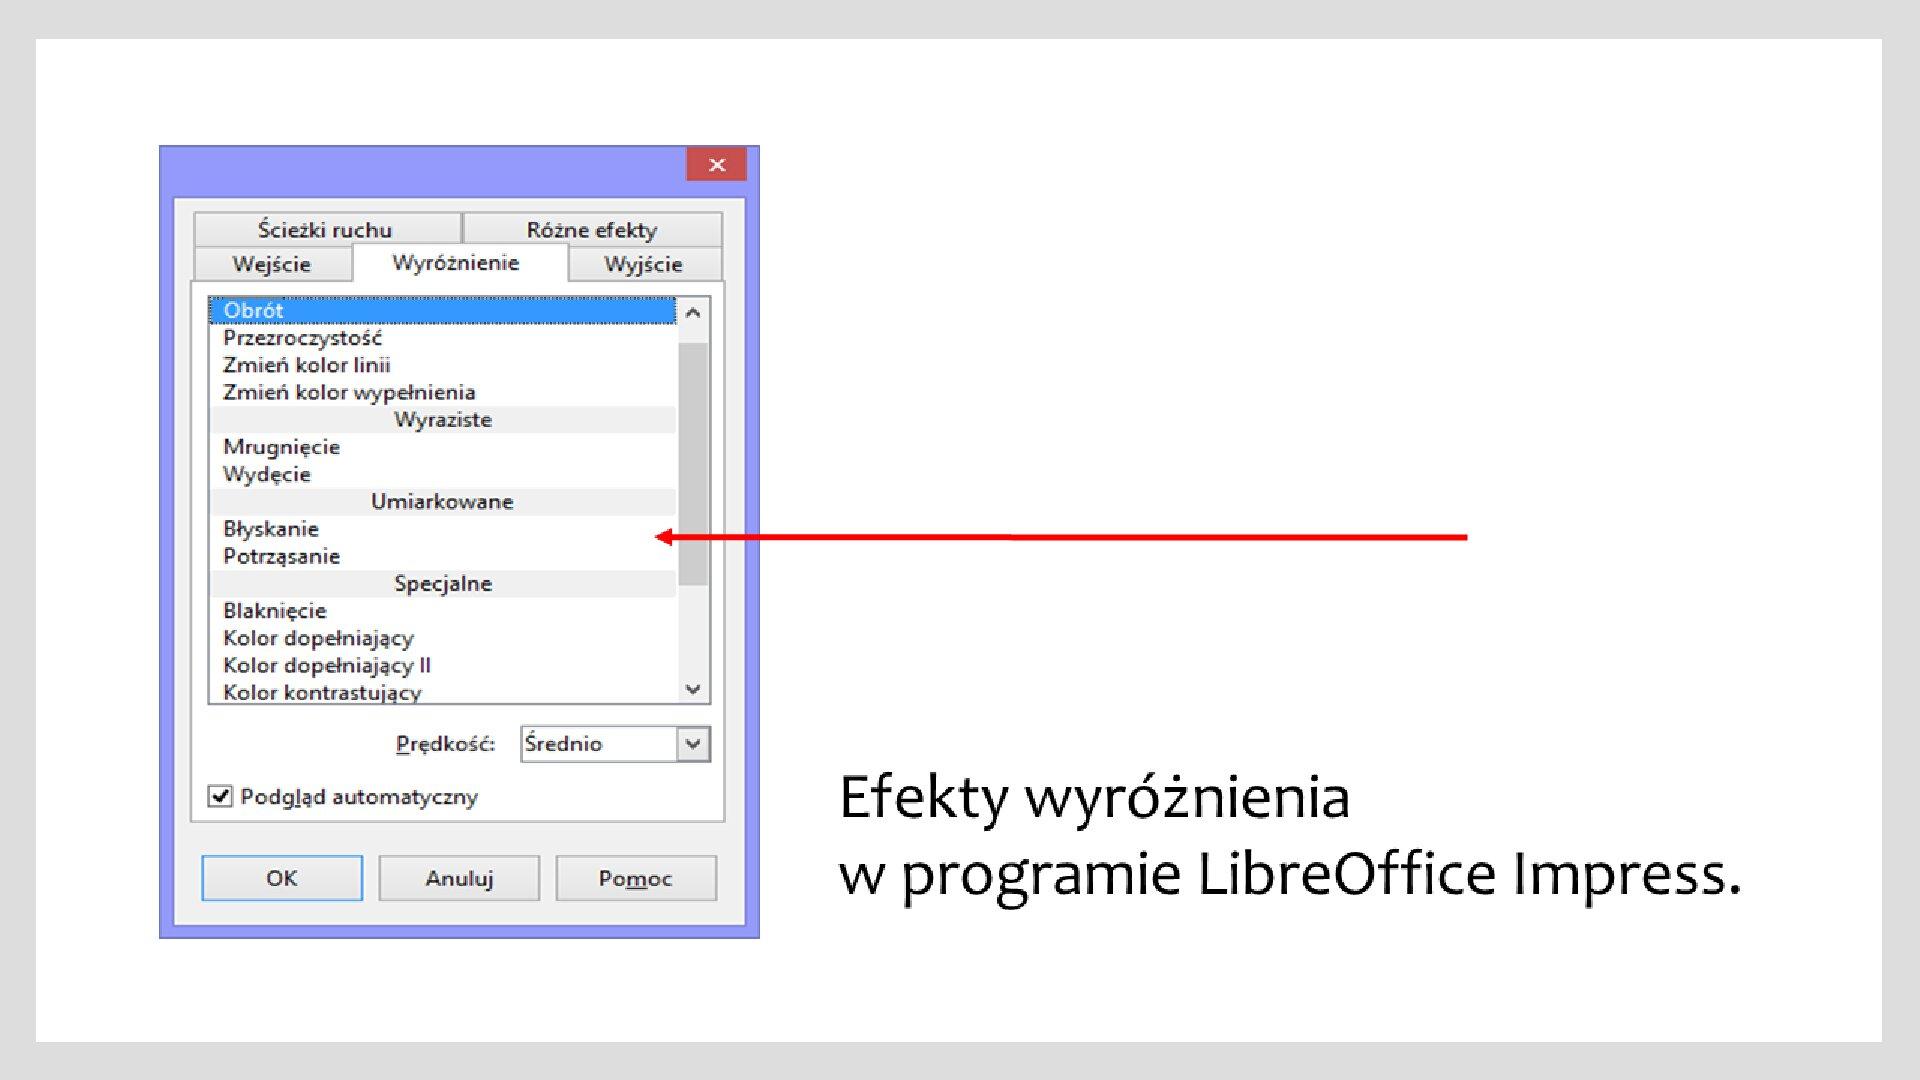 Slajd 1 galerii zrzutów okien zefektami wyróżnienia iwyjścia wprogramie LibreOffice Impress